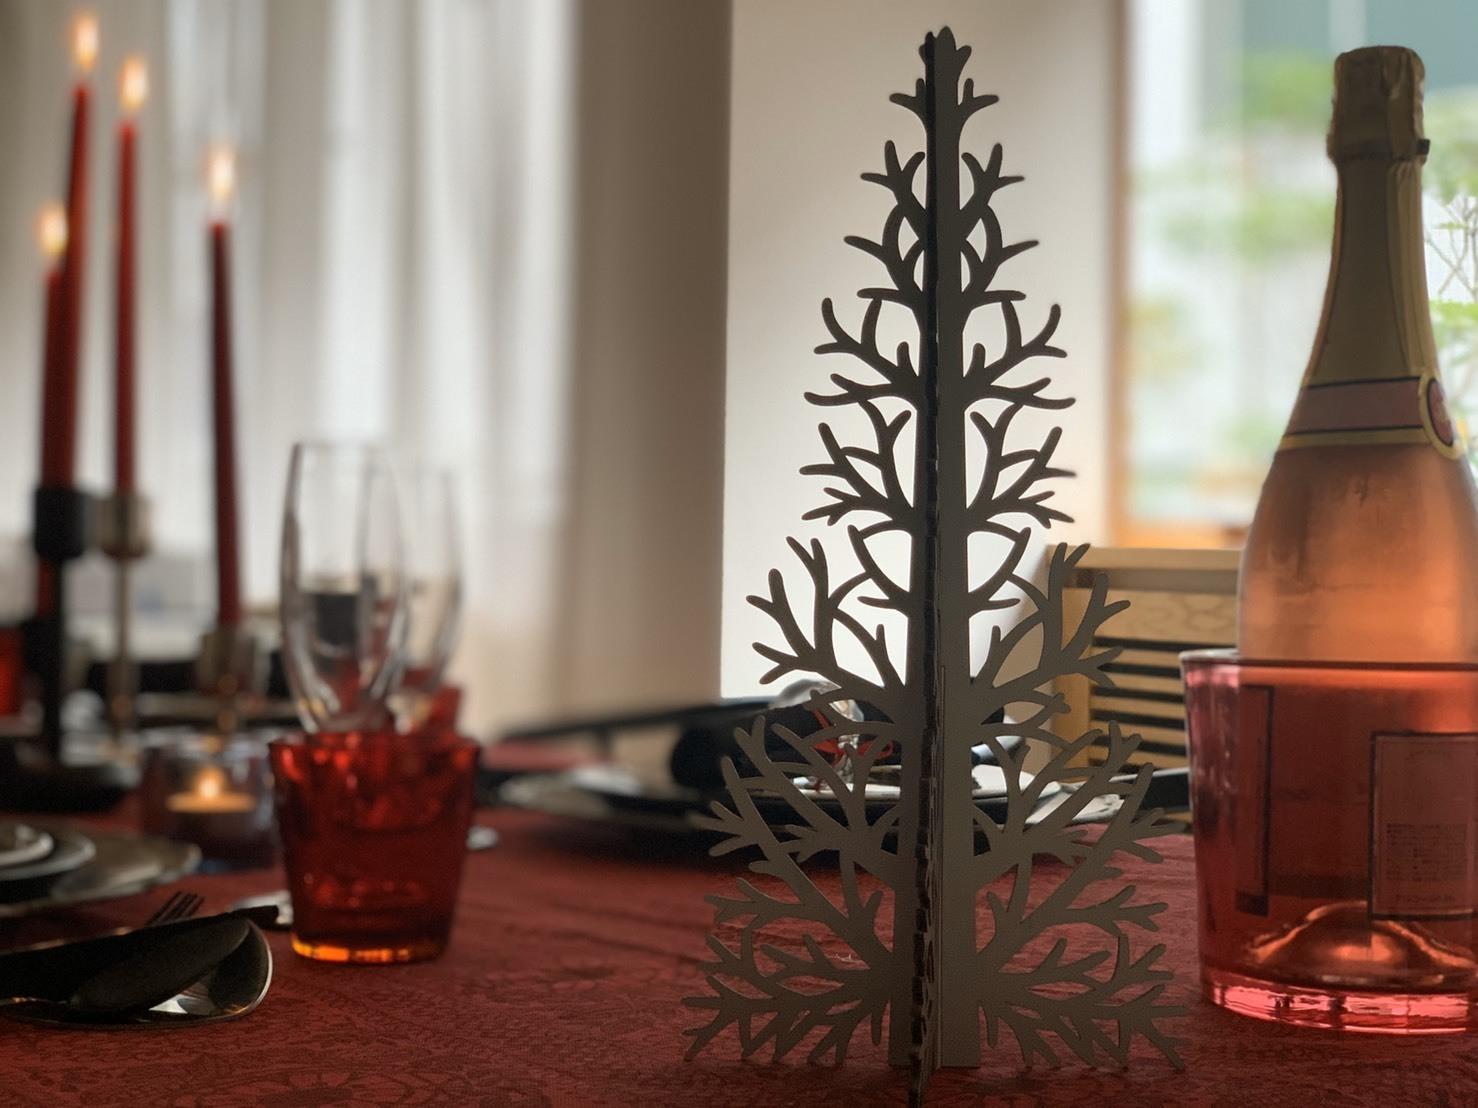 クリスマスレッスン2019 テーブルコーディネート編_c0237291_13453624.jpeg